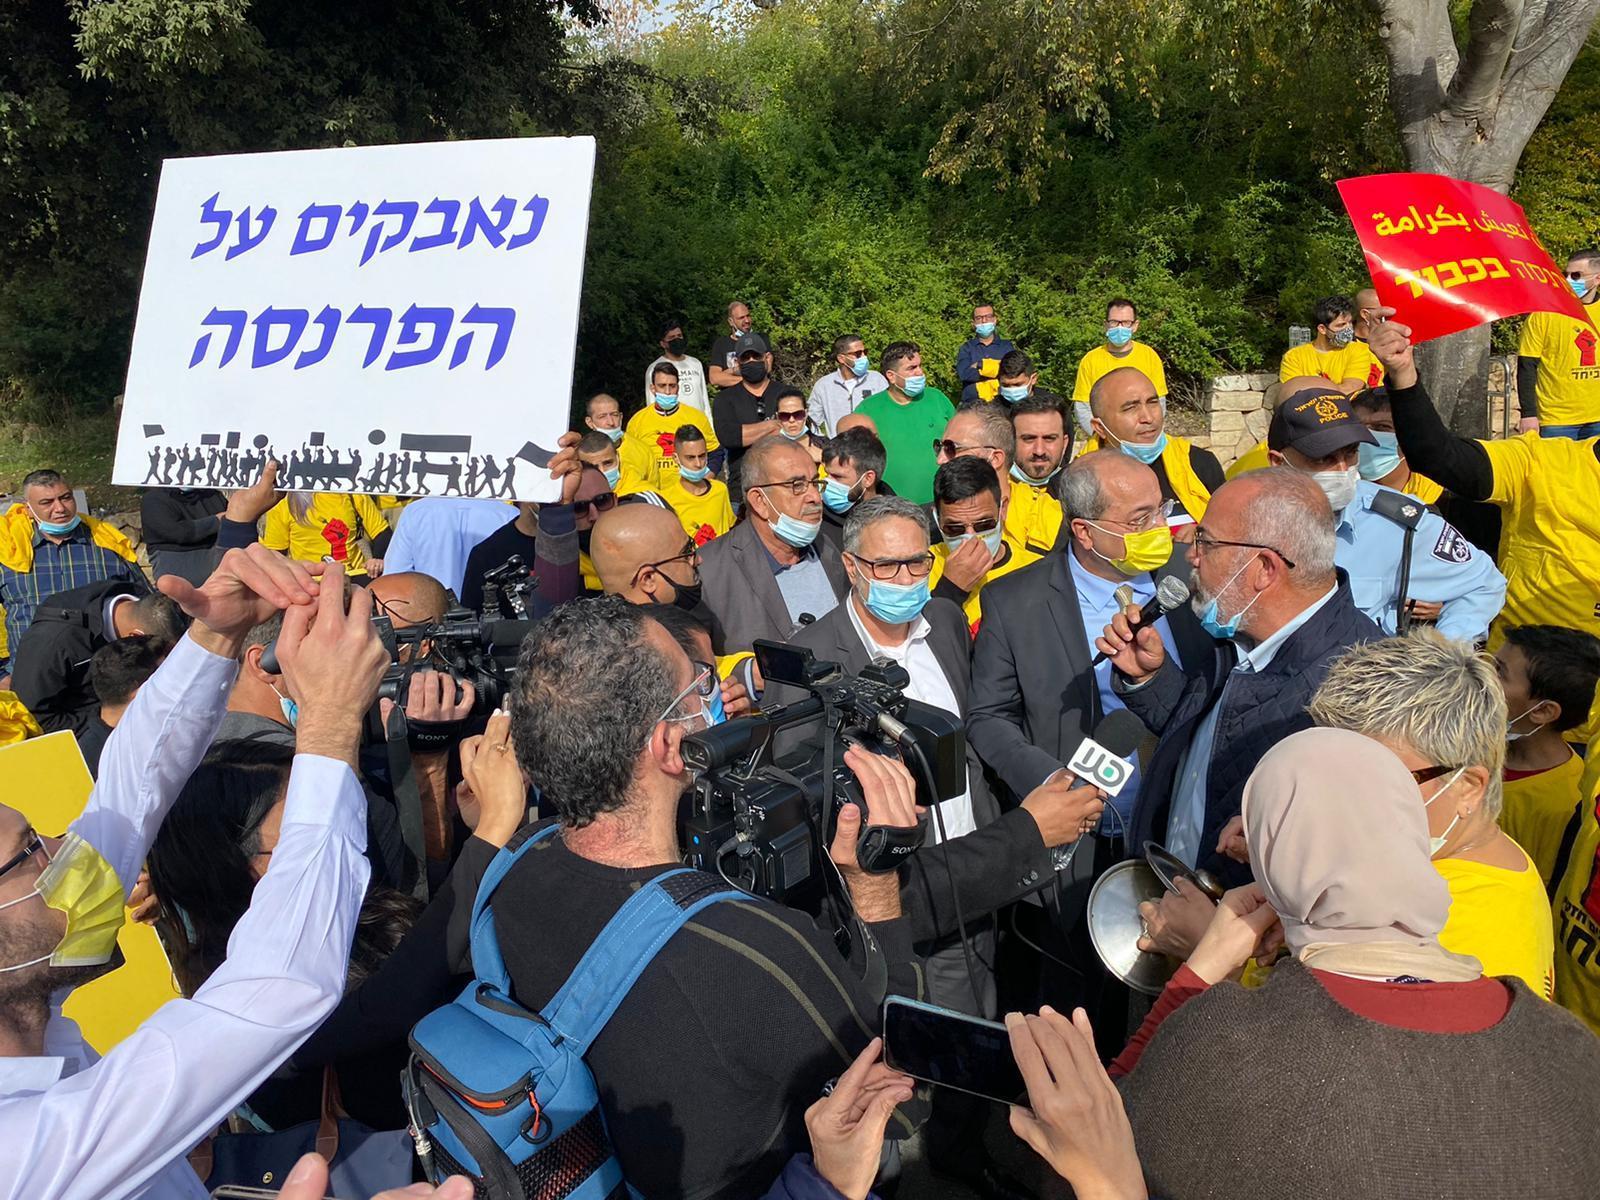 تظاهرة احتجاجية لأصحاب المطاعم أمام مبنى الكنيست